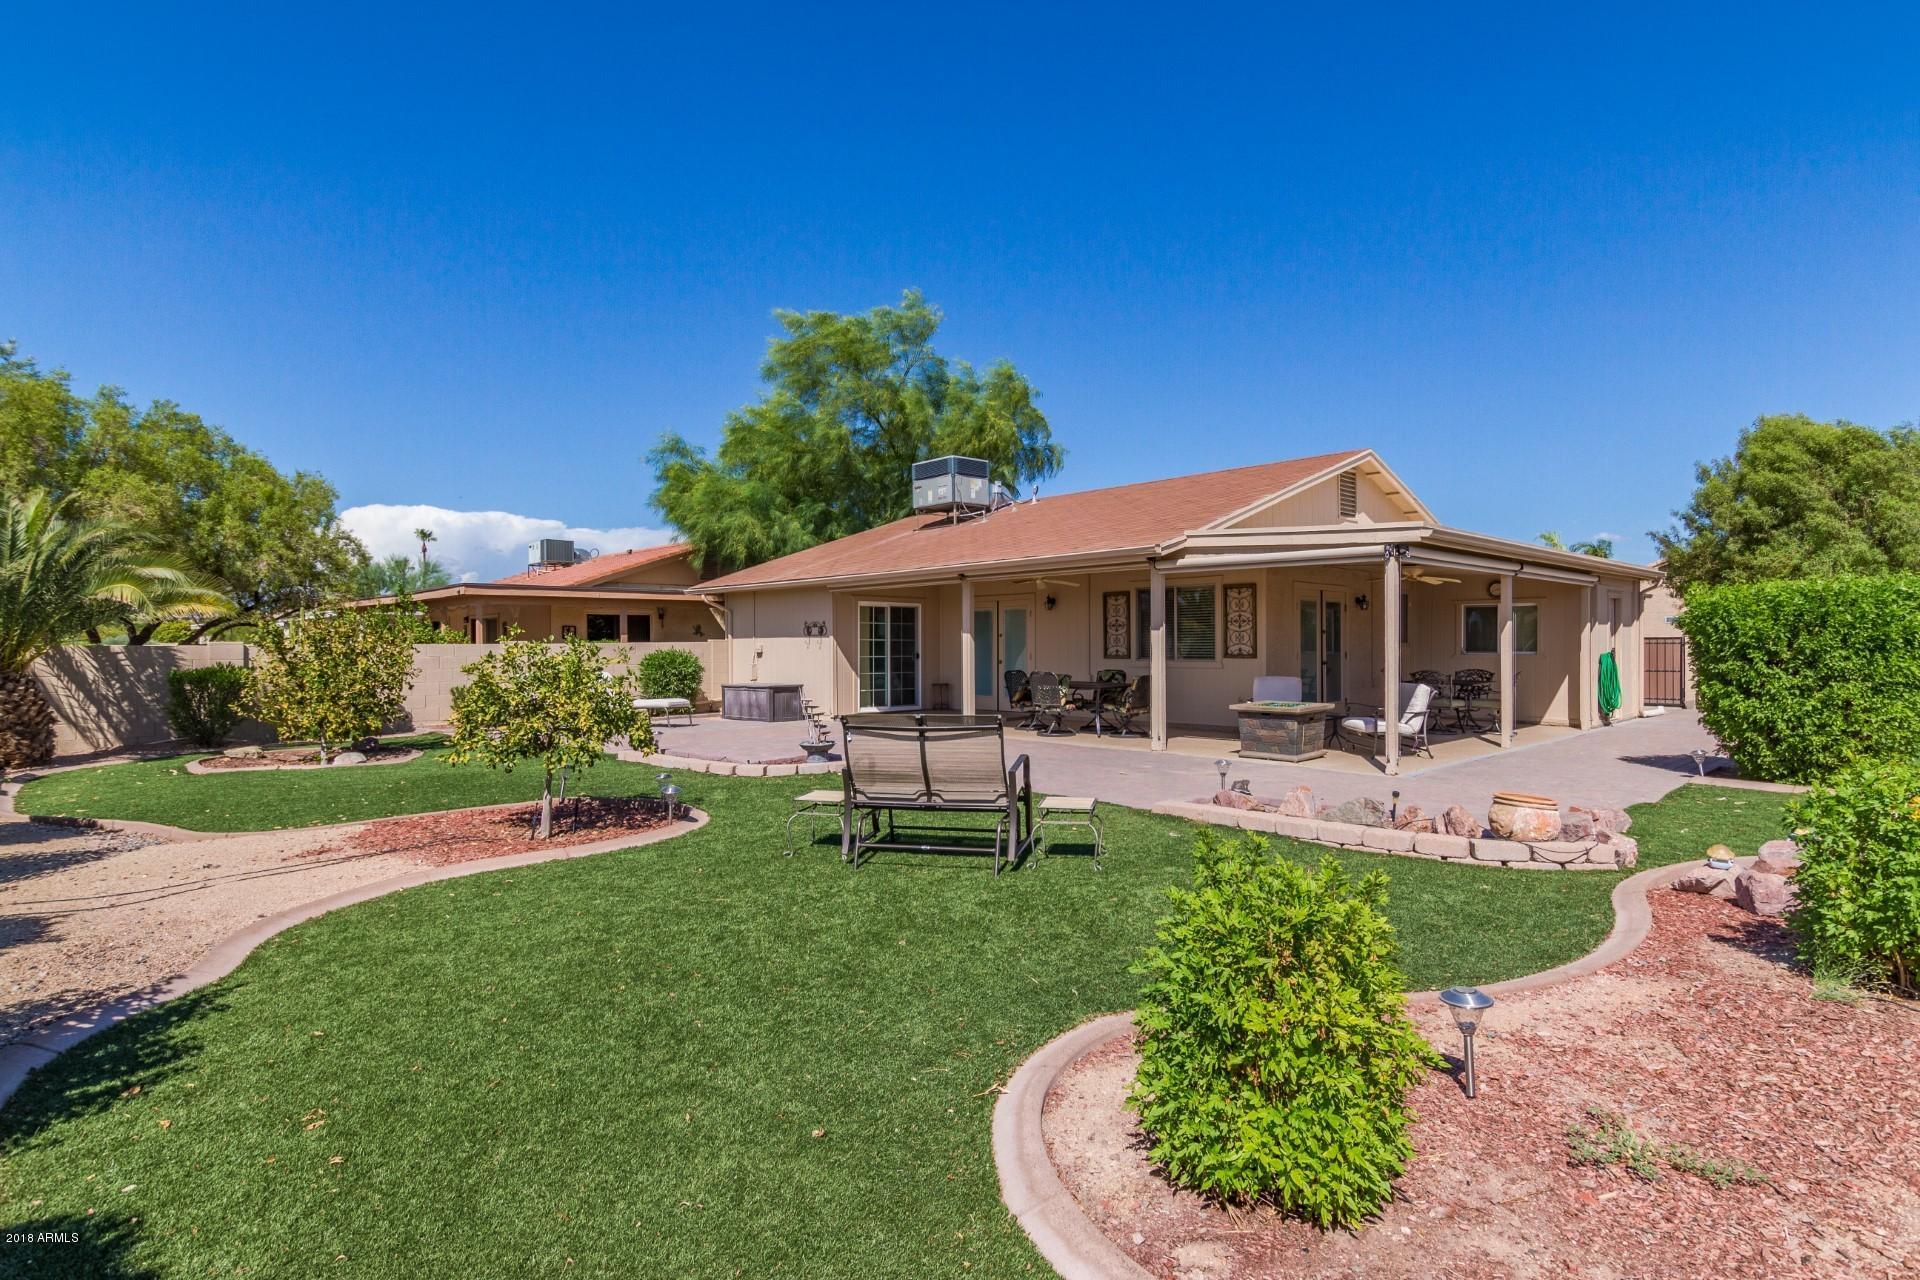 Photo for 26206 S Boxwood Drive, Sun Lakes, AZ 85248 (MLS # 5821021)